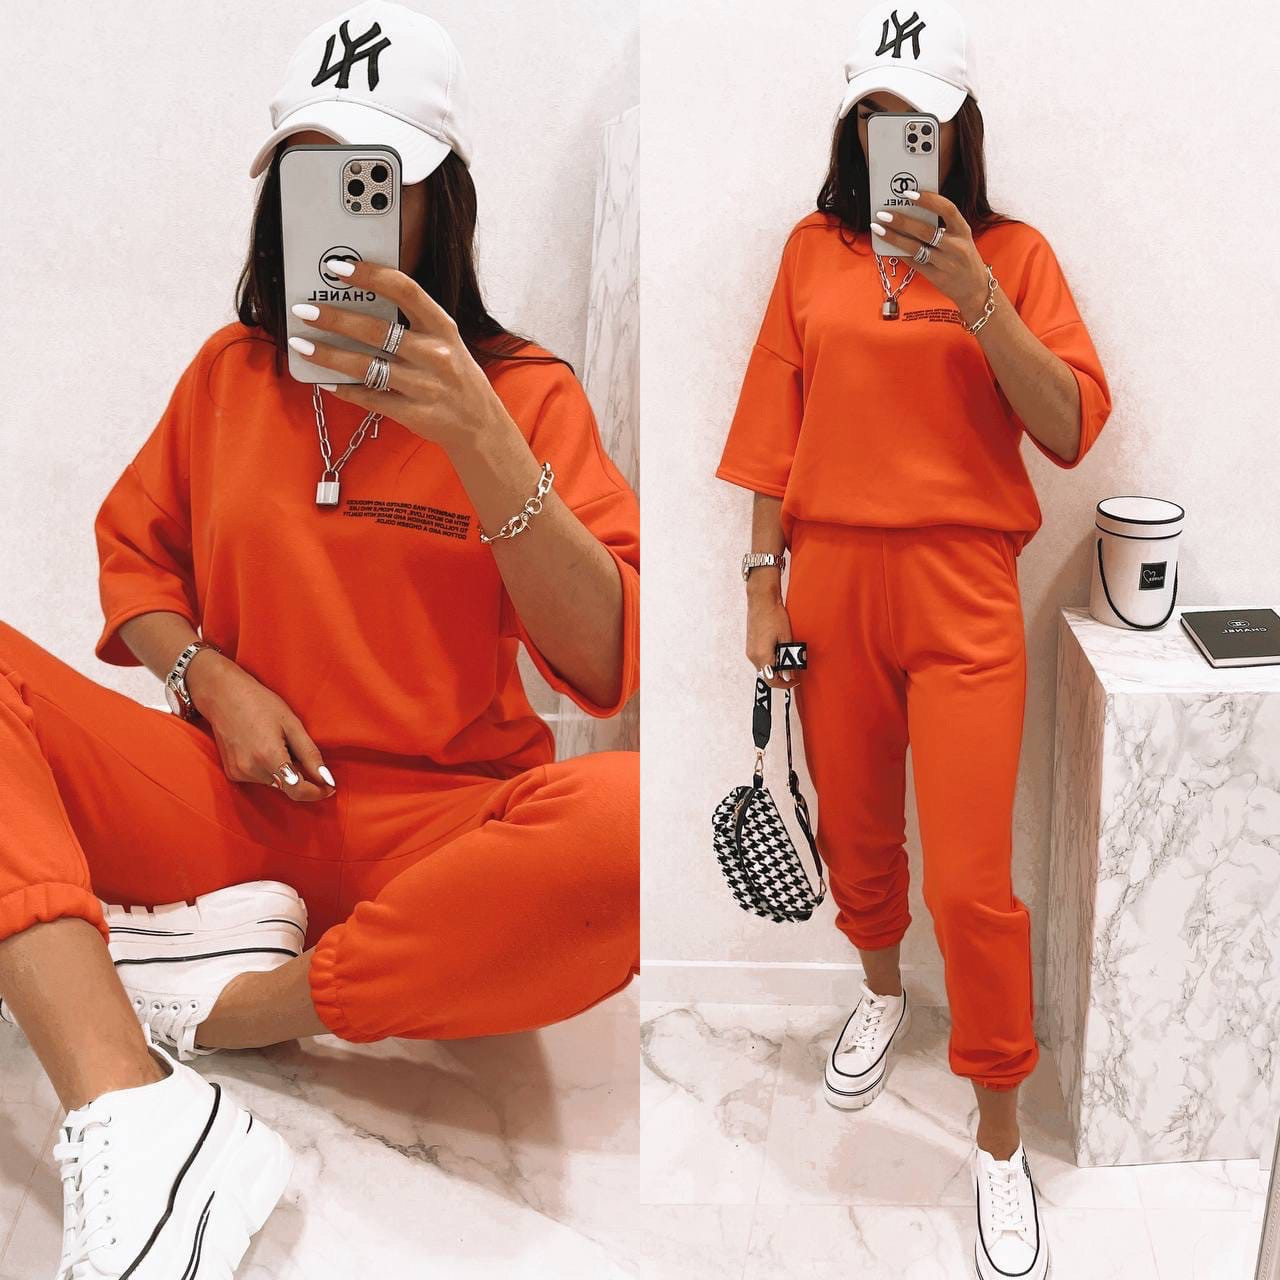 Женский спортивный костюм, турецкая петля - футер, р-р 42-44(S); 46-48(L); 50-52(XХ) (оранжевый)